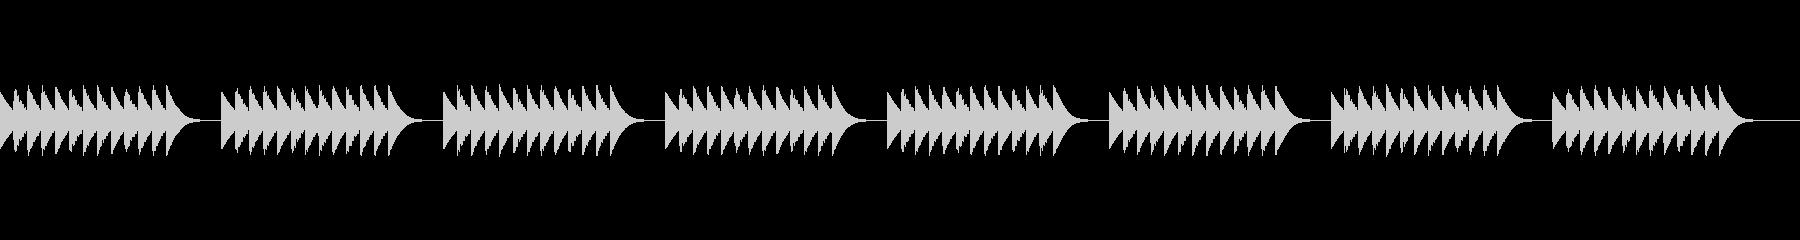 スマホ・ケータイ 着信音 発信音 (1)の未再生の波形